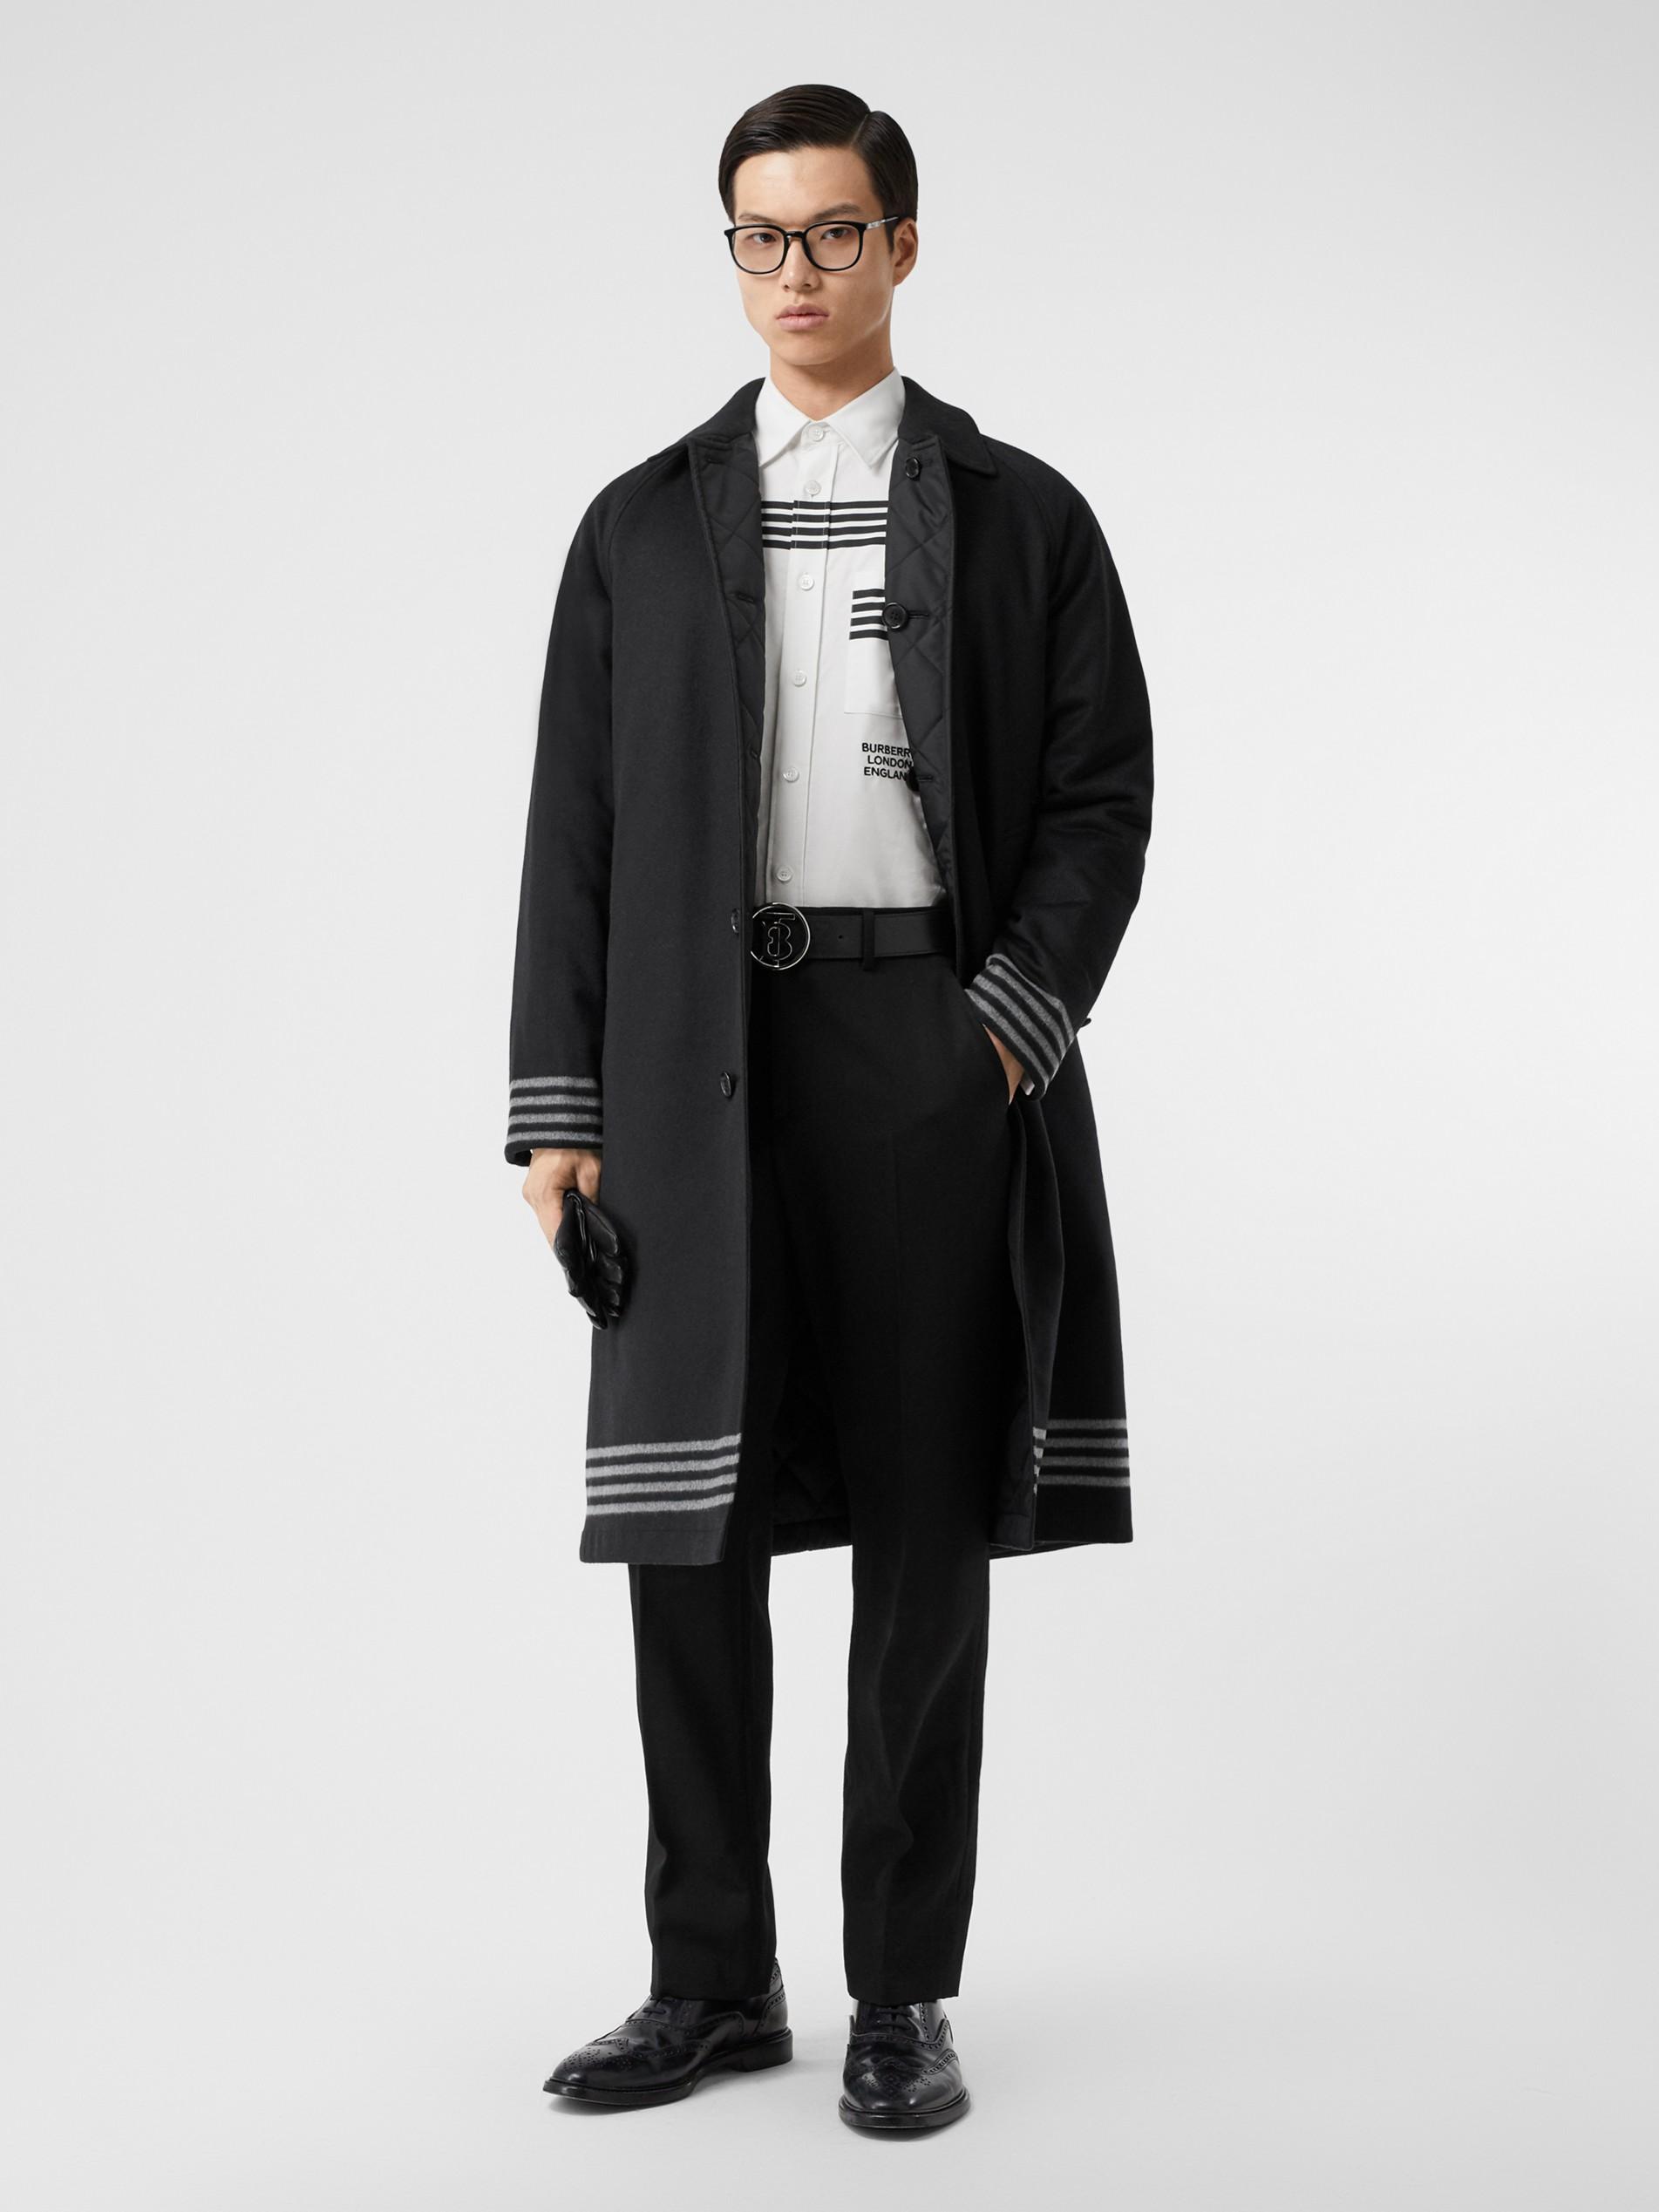 针织提花面料图片_双面两穿绗缝 ECONYL® 轻便大衣 (黑色 / 白色) - 男士 | Burberry 博柏利